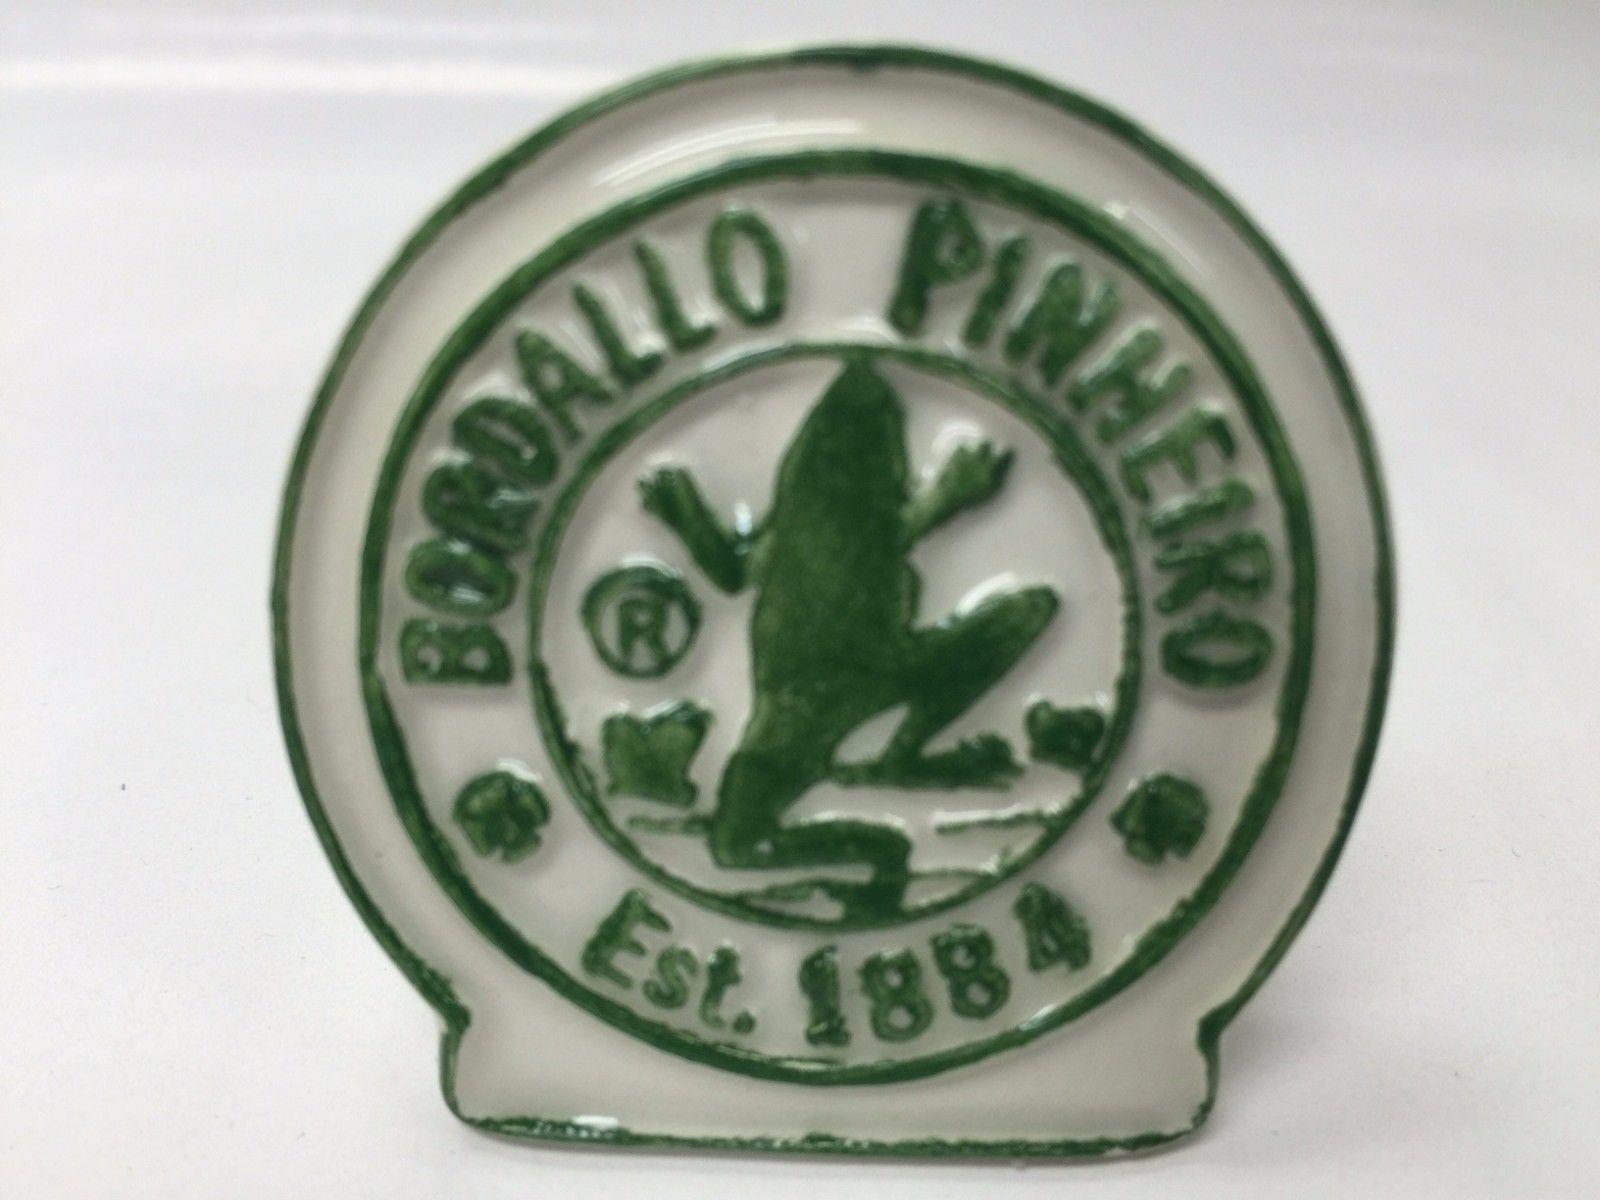 Sardines By Bordallo Pinheiro Sardinha de Ceramica Made in Portugal